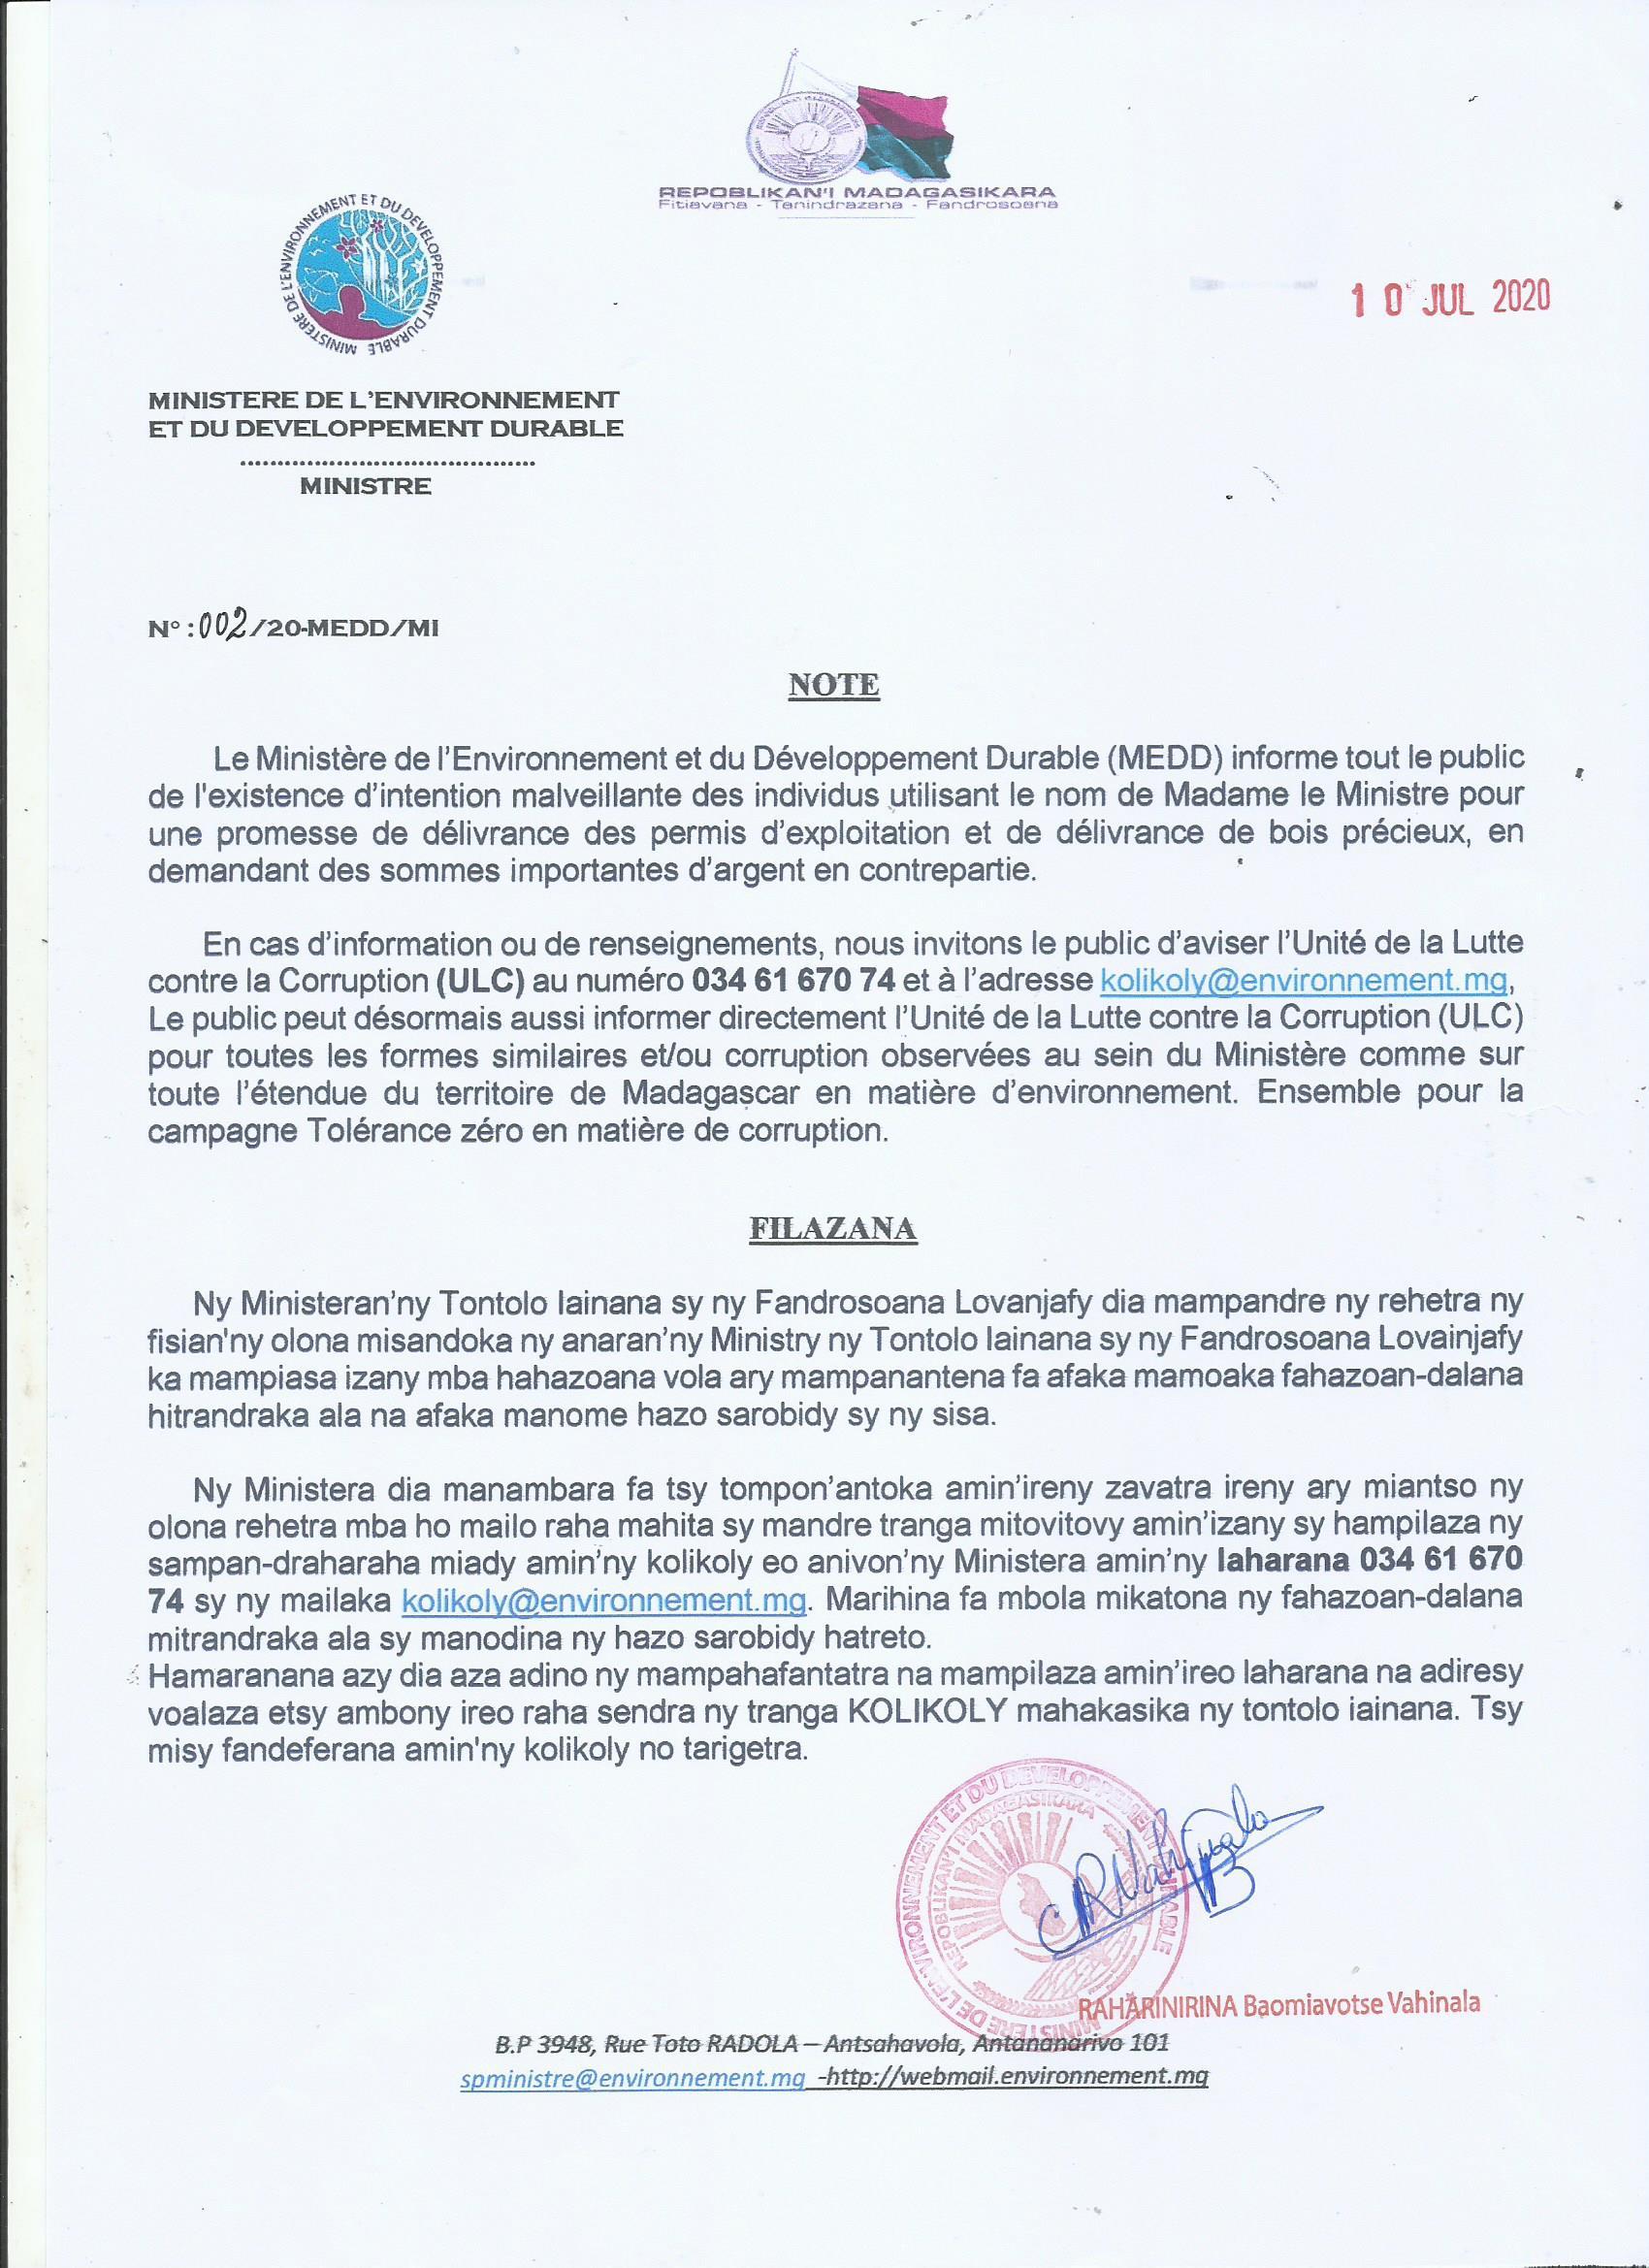 Mis en place de l'Unité de Lutte contre la Corruption au MEDD